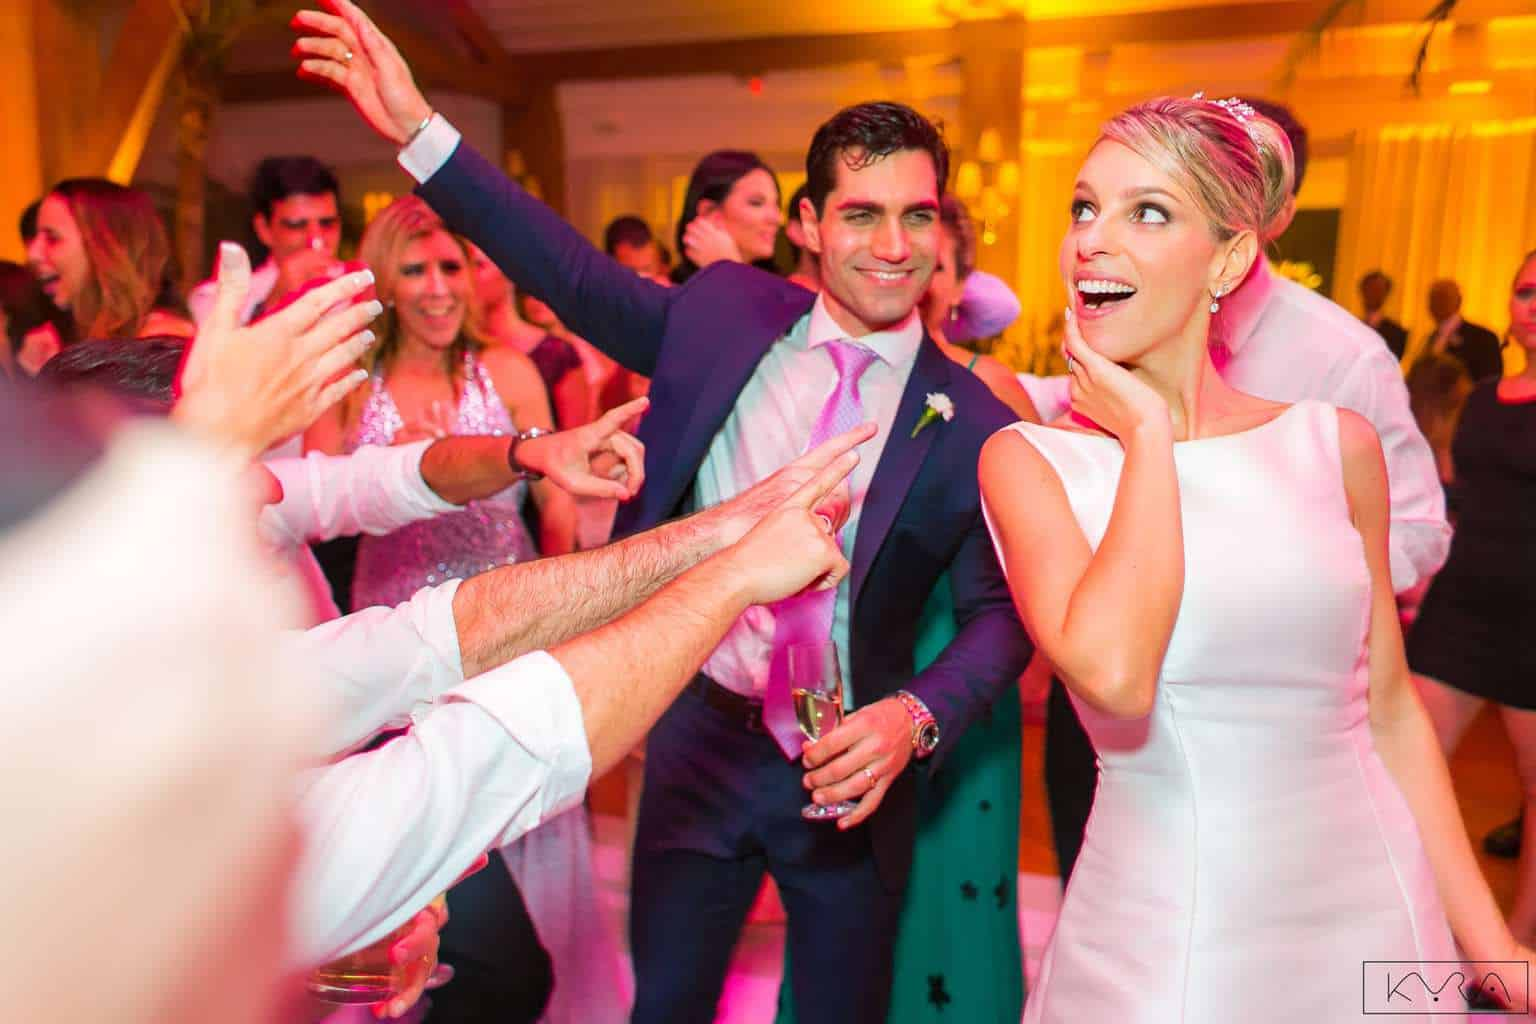 ana-carolina-e-bernardo-Anna-Carolina-Werneck-beleza-da-noiva-casamento-tradicional-festa-Gavea-Golf-Club-Kyra-Mirsky-making-of-mini-wedding-noiva-verde-e-rosa-casamento-37